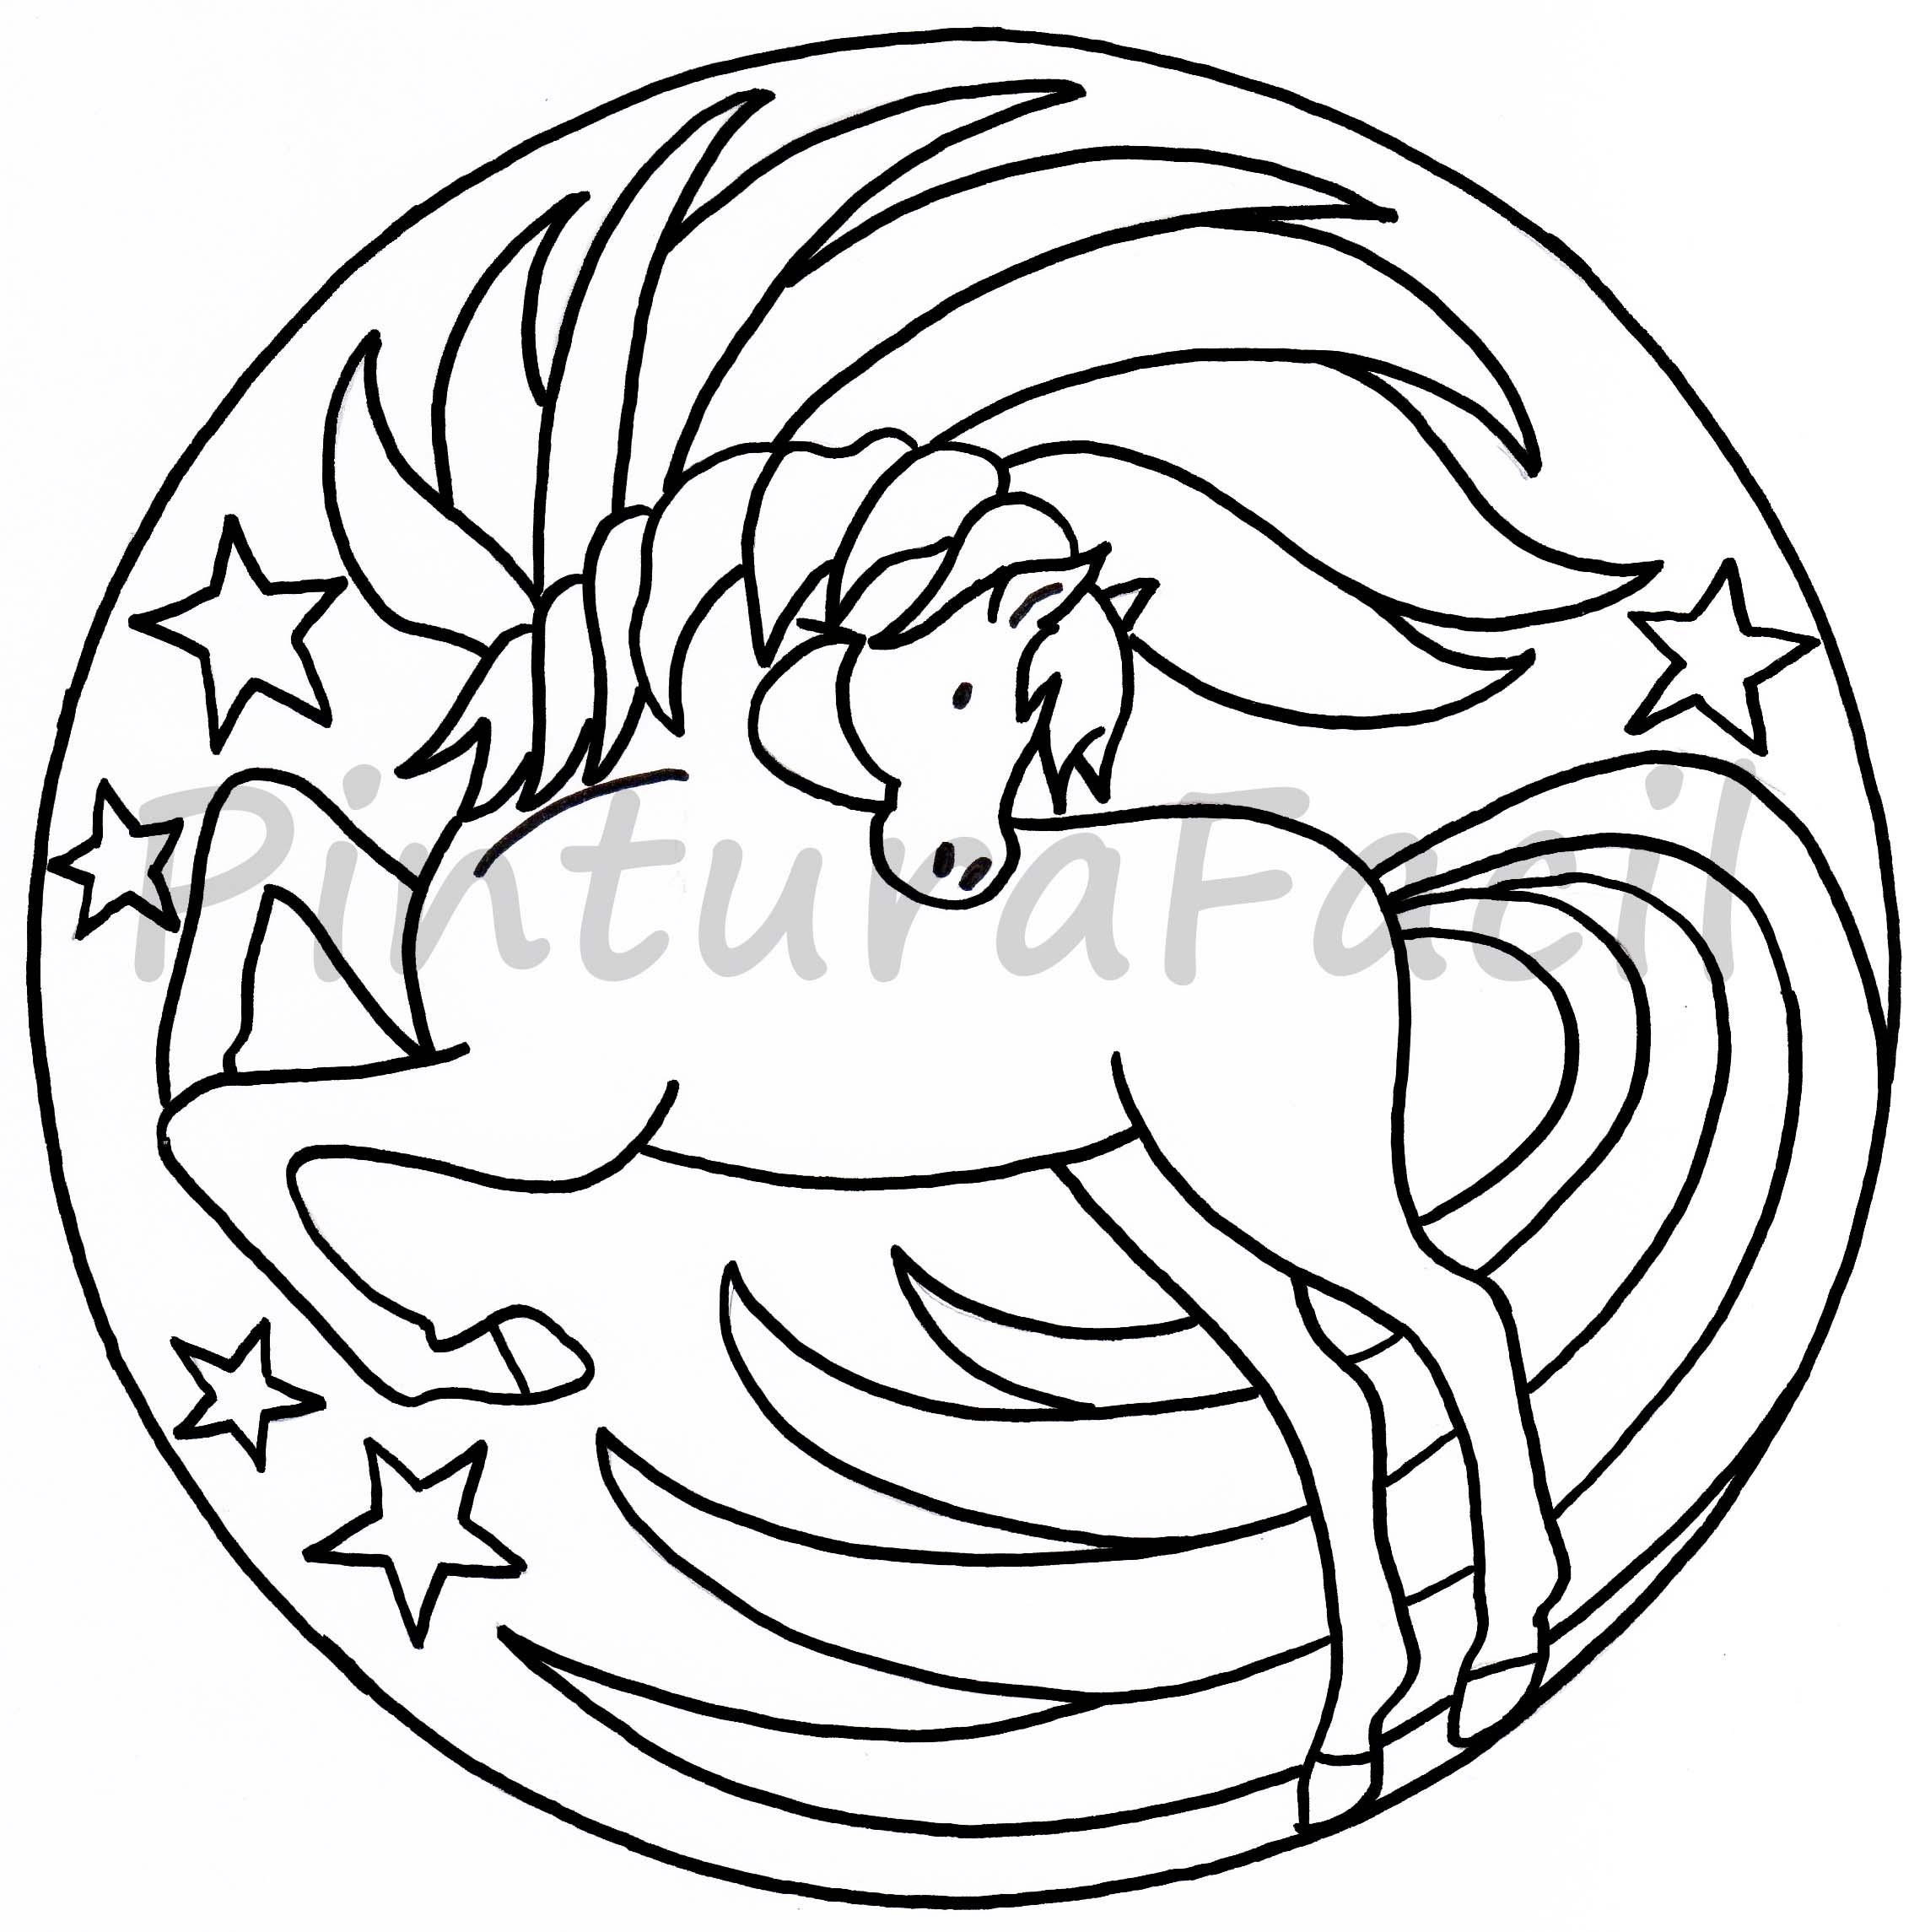 rainbow-dash-my-little-pony-equestria-girls